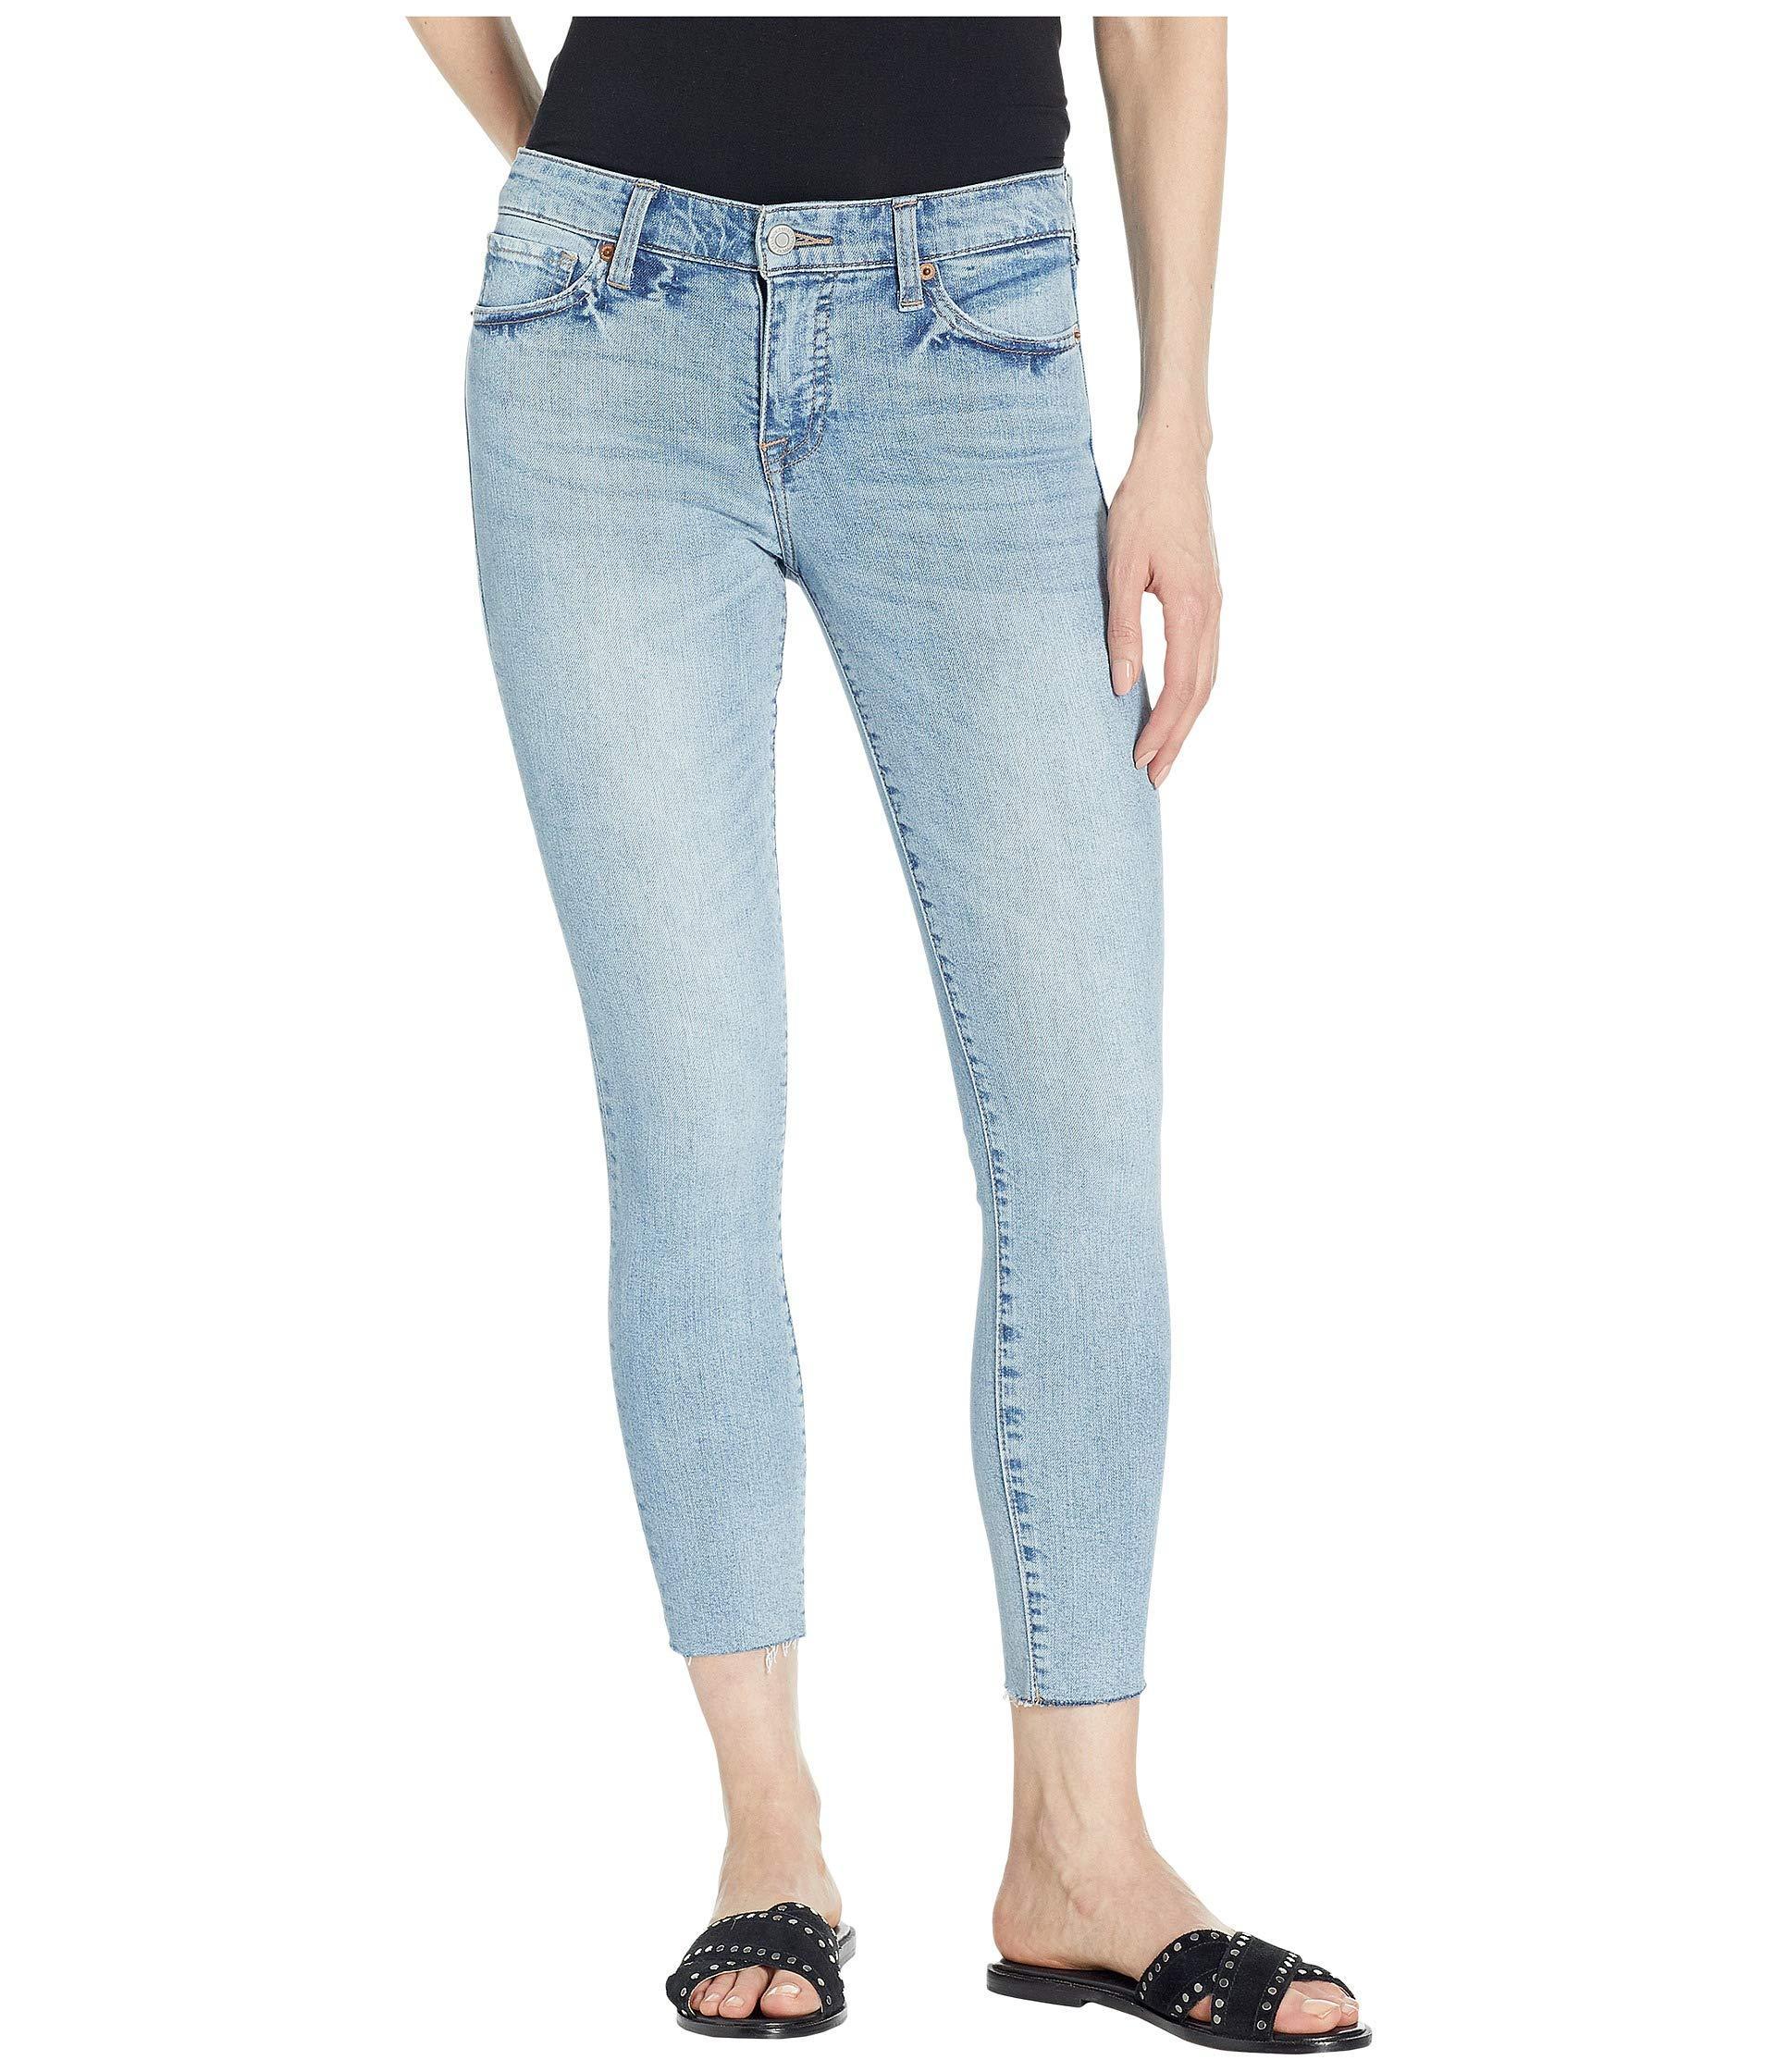 b88e7f3afa73e Lyst - Lucky Brand Ava Crop Jeans In Oneida (oneida) Women's Jeans ...